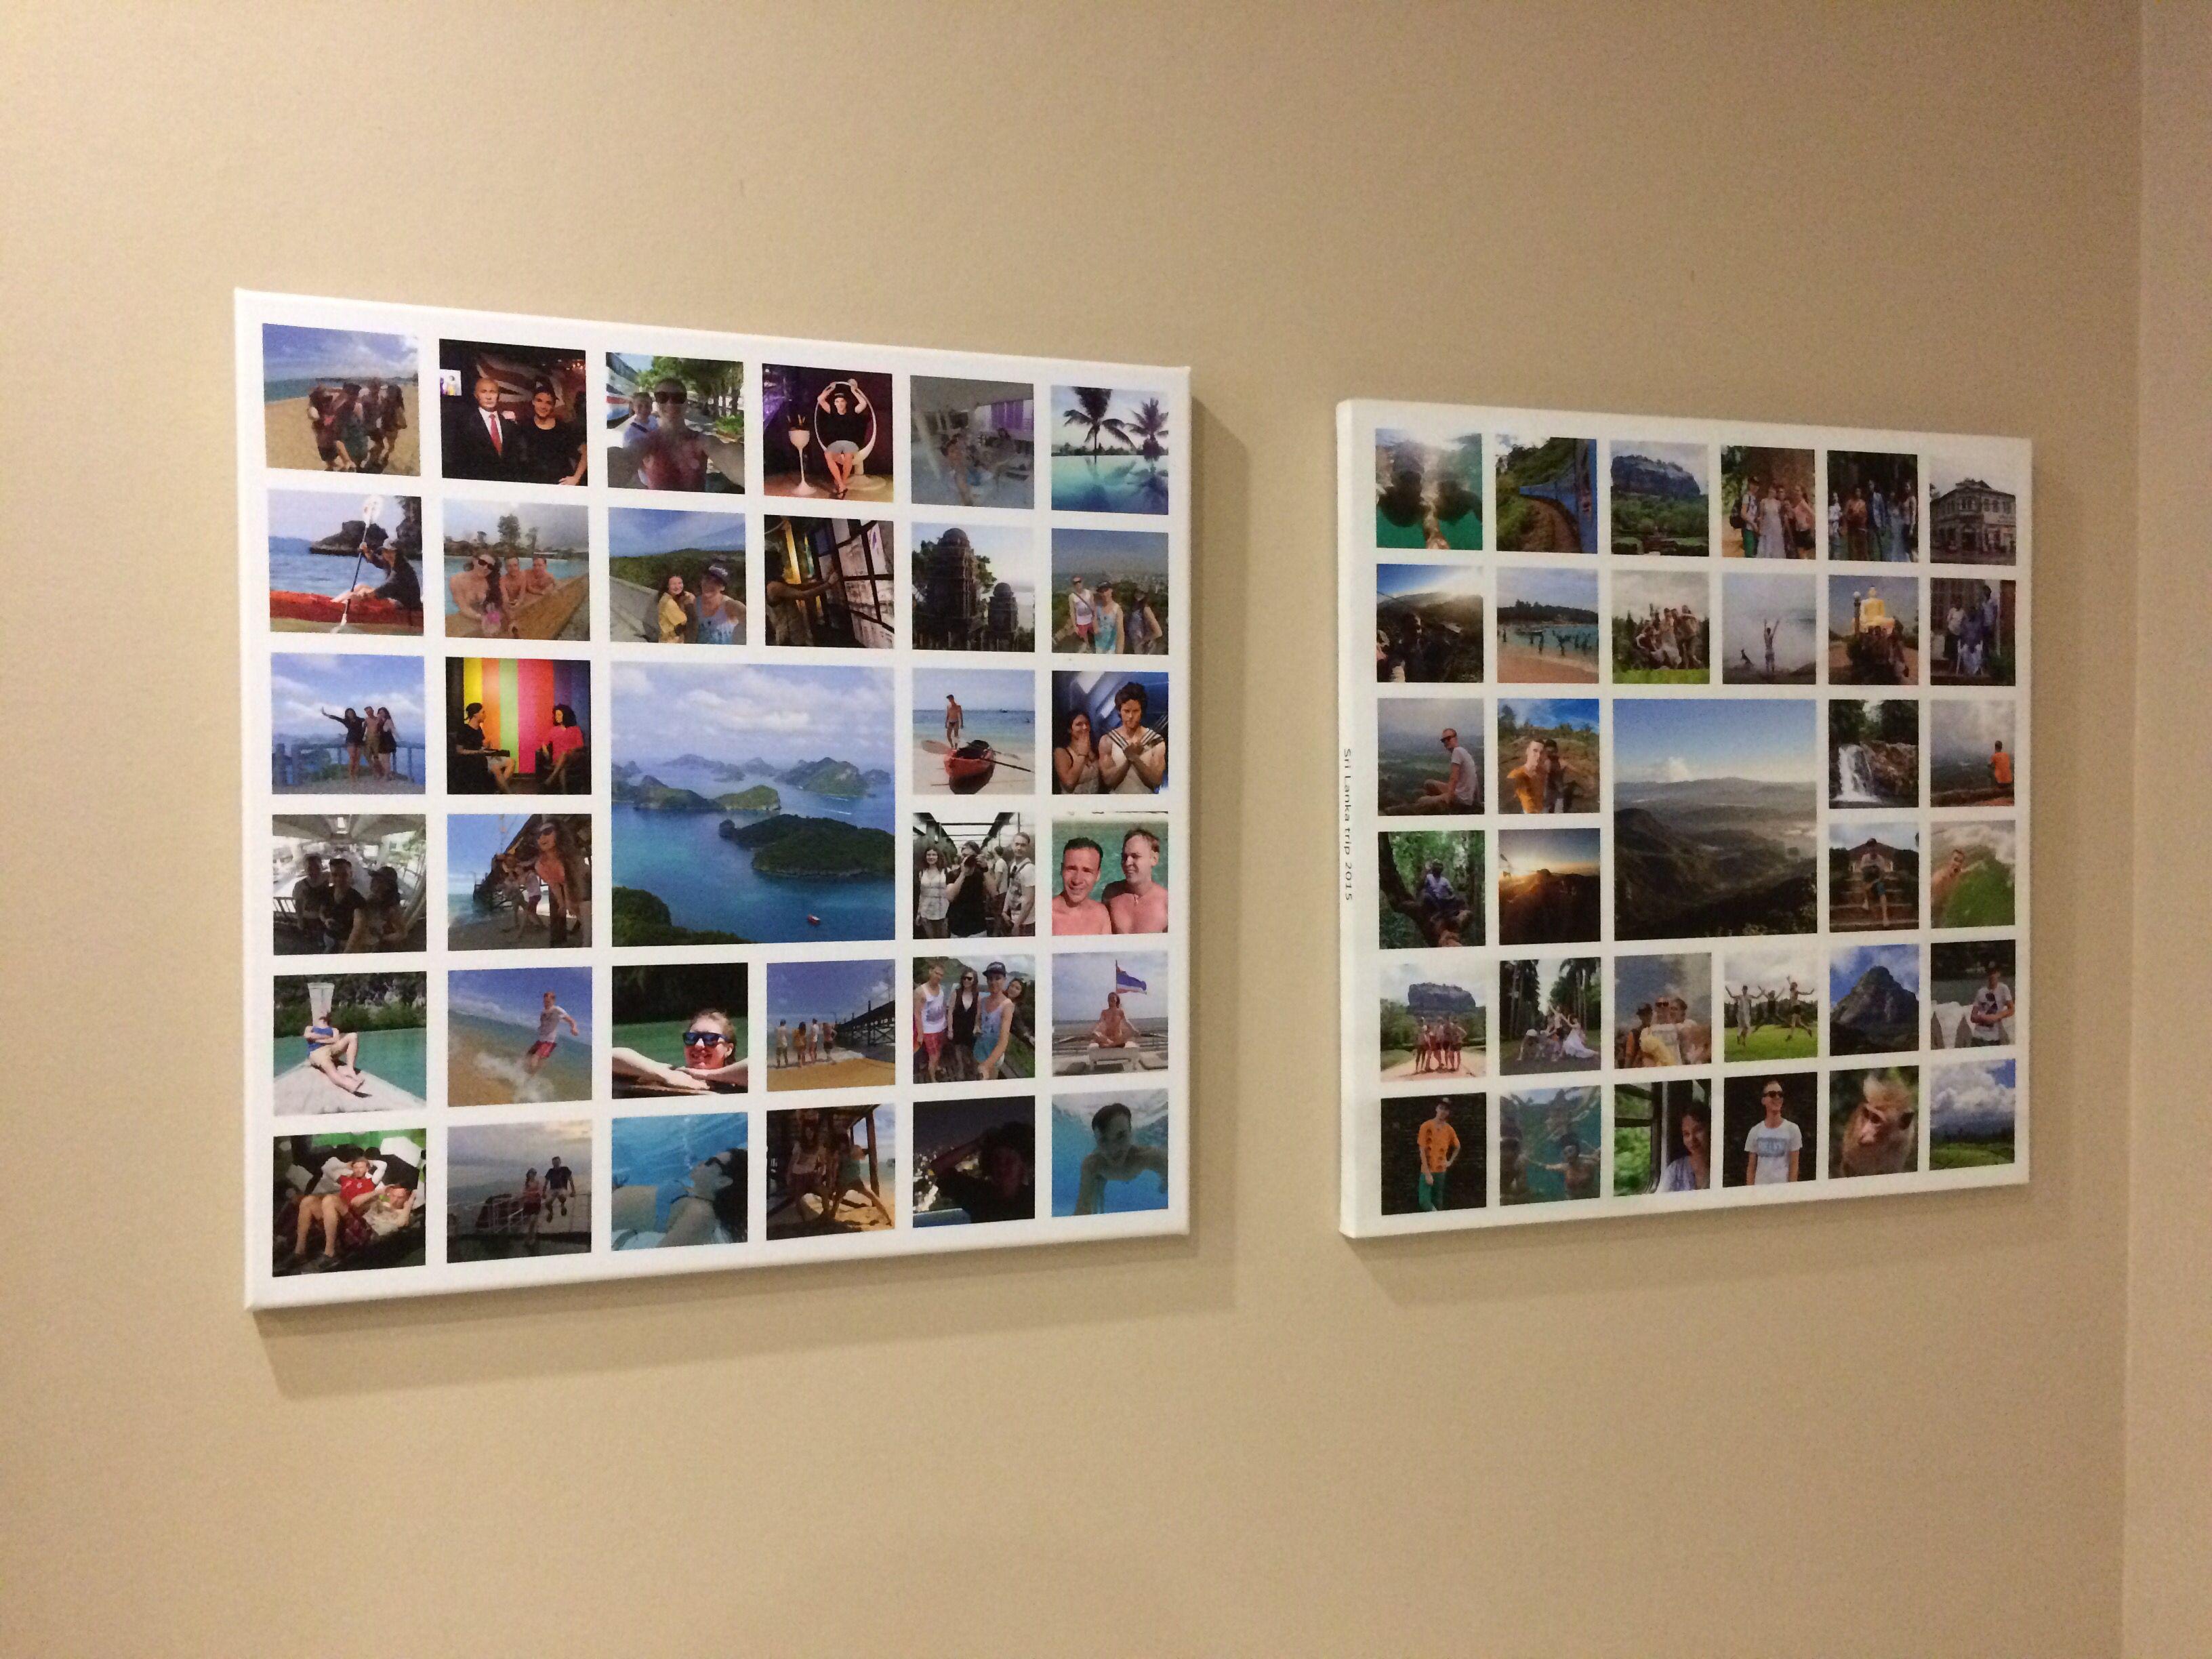 даже распечатка фотографий на стену одна основная